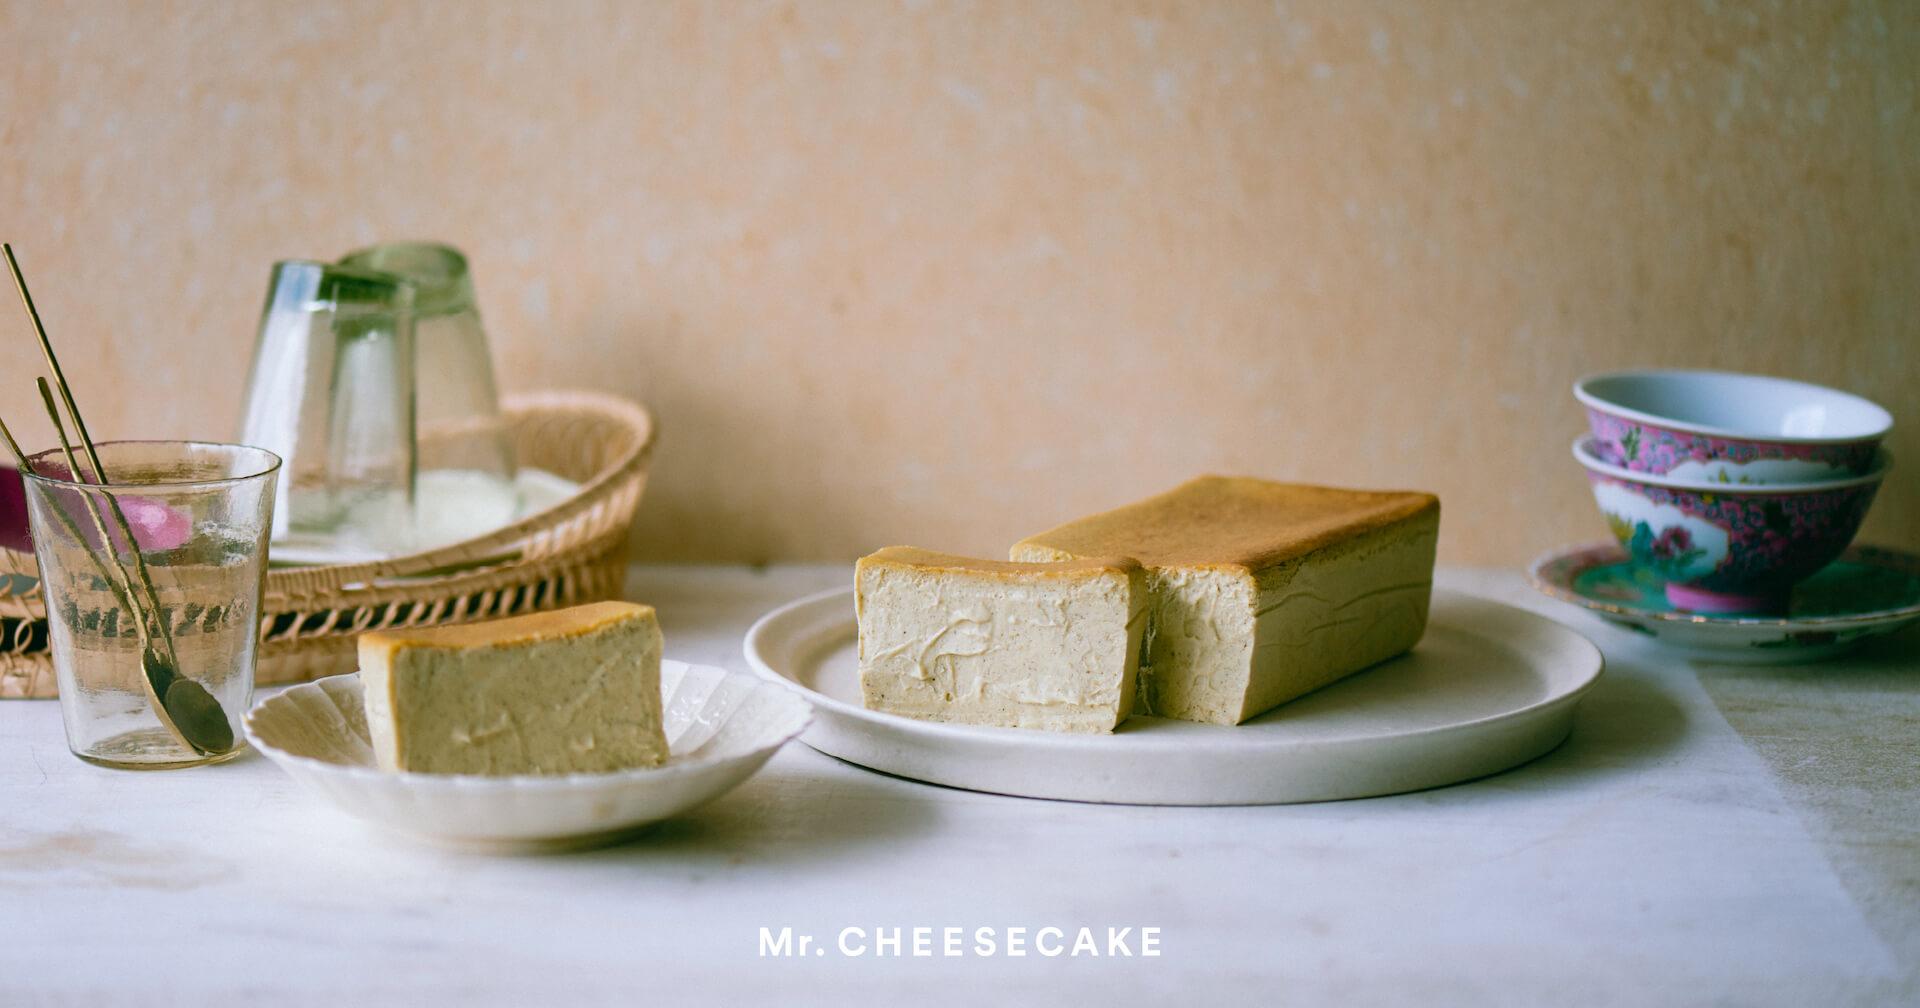 Mr. CHEESECAKEの初夏限定フレーバー「Mr. CHEESECAKE Royal Jasmine」が2日間限定で発売決定! gourmet210609_mrcheesecake_1